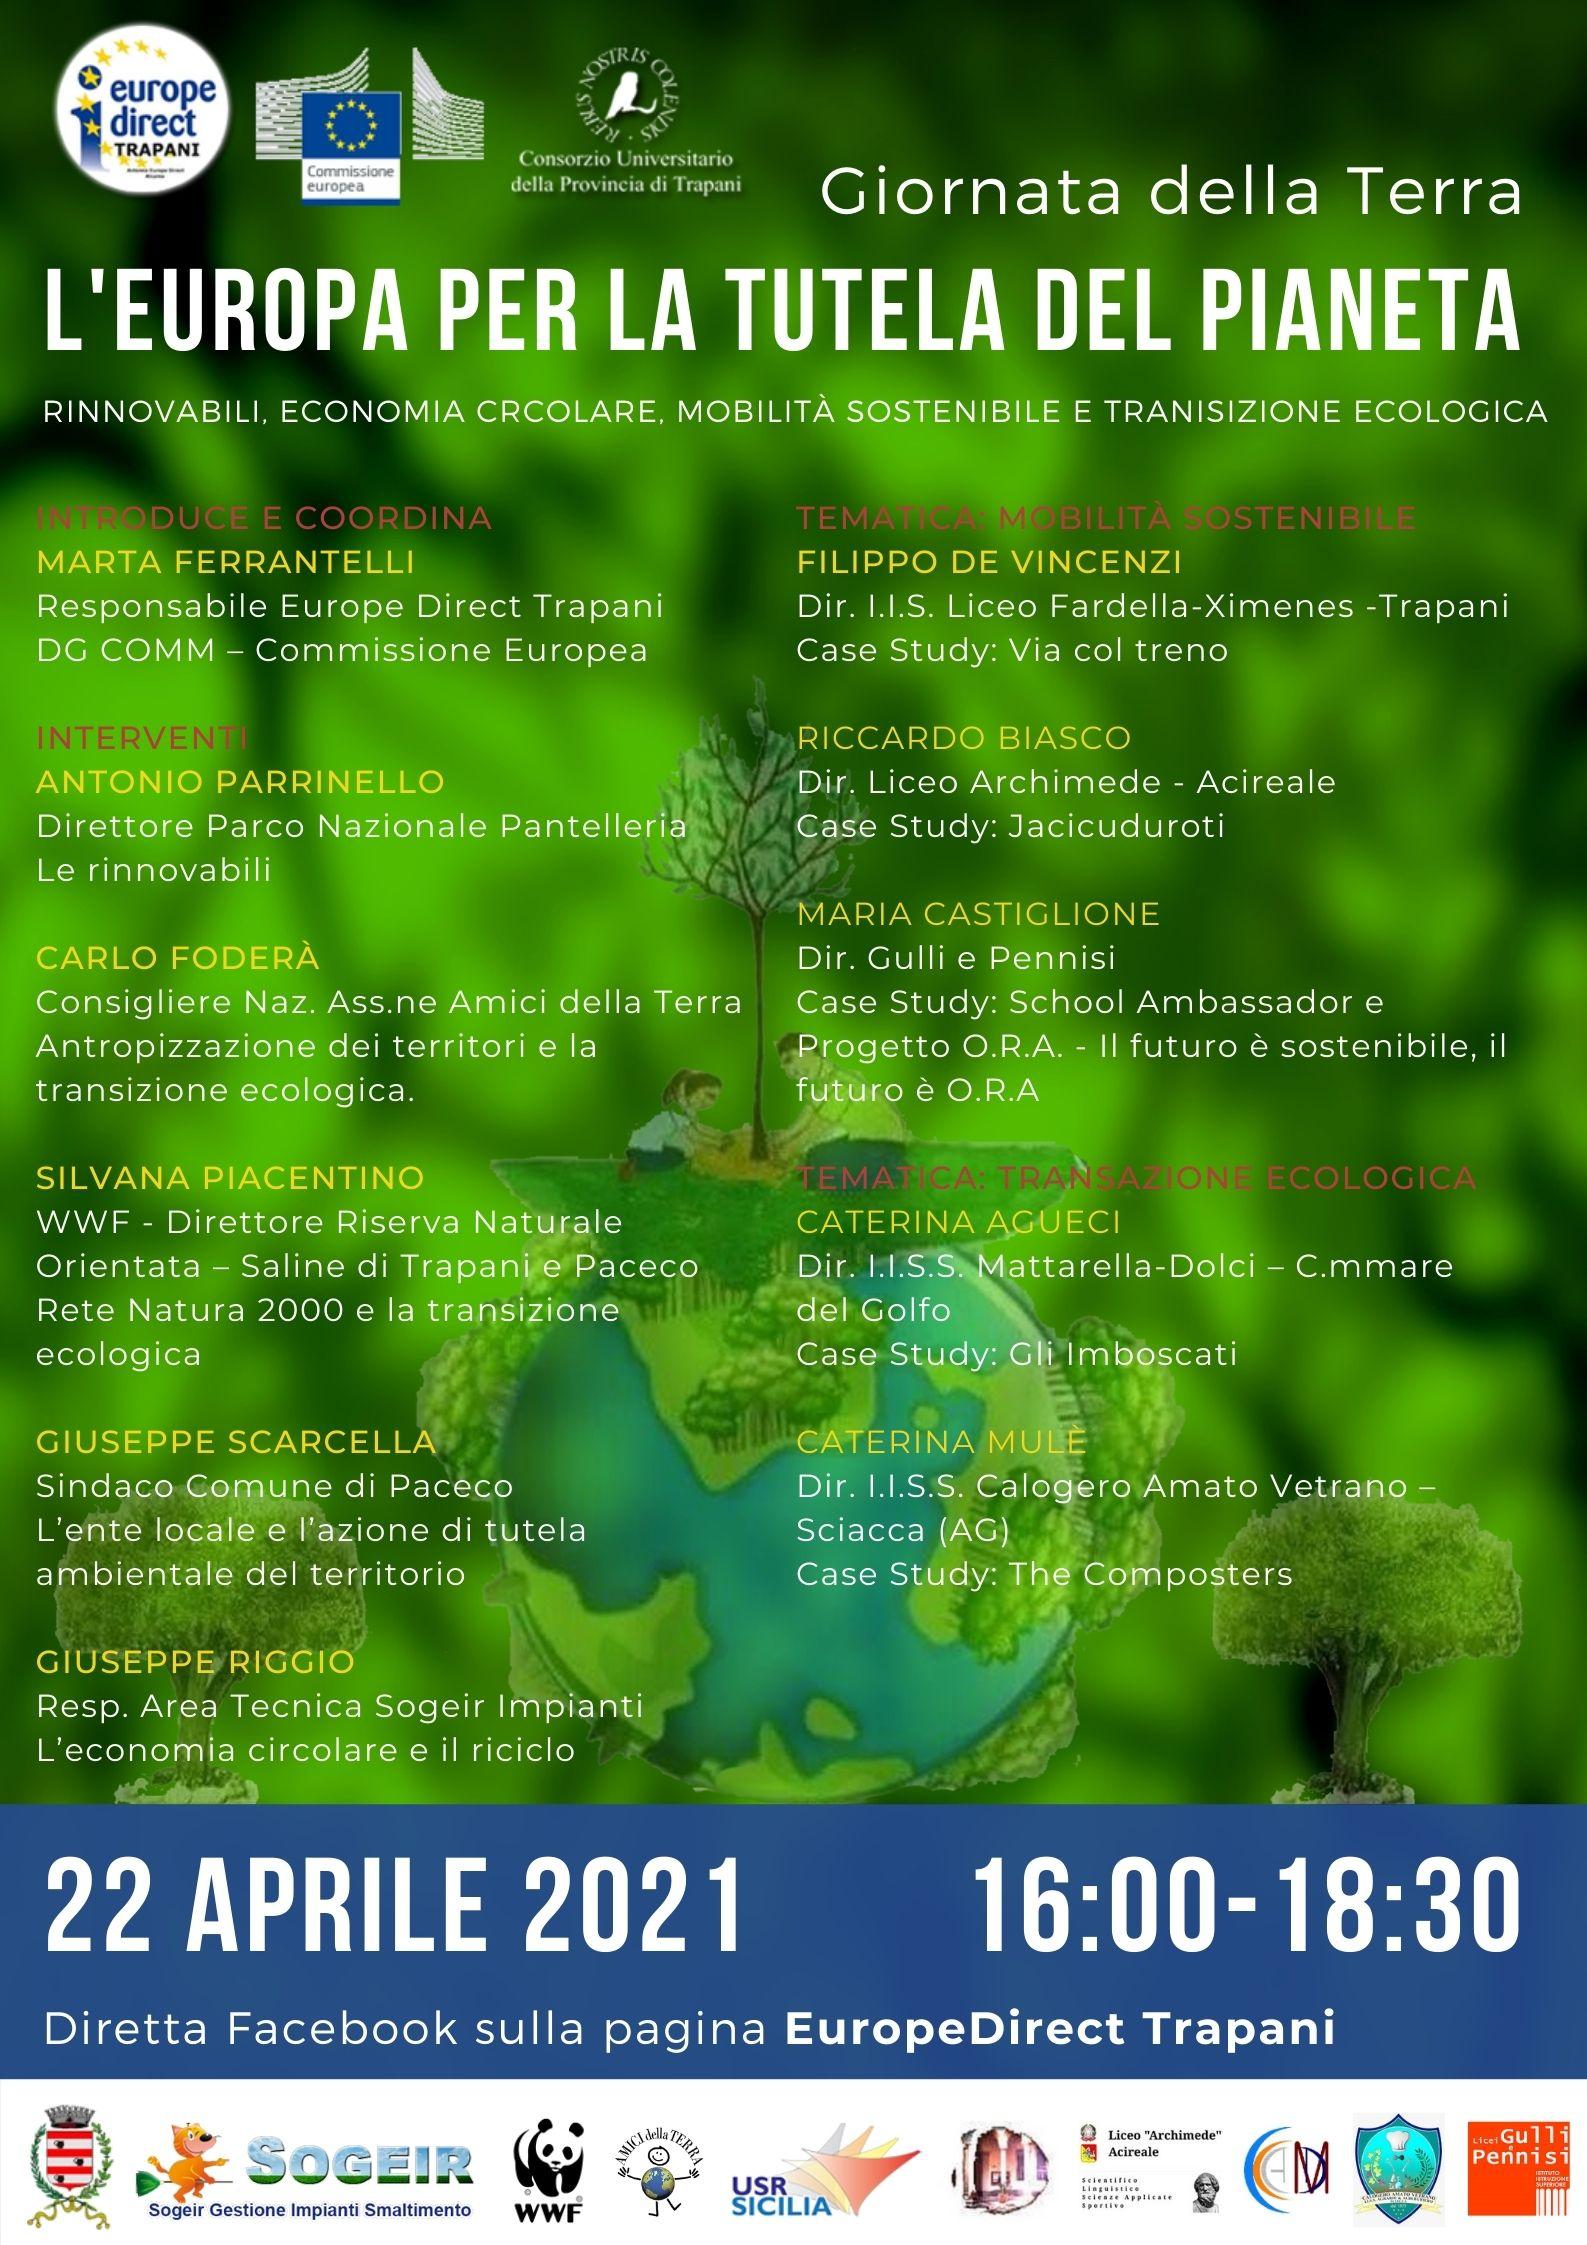 Giornata della Terra – L'Europa per la tutela del Pianeta